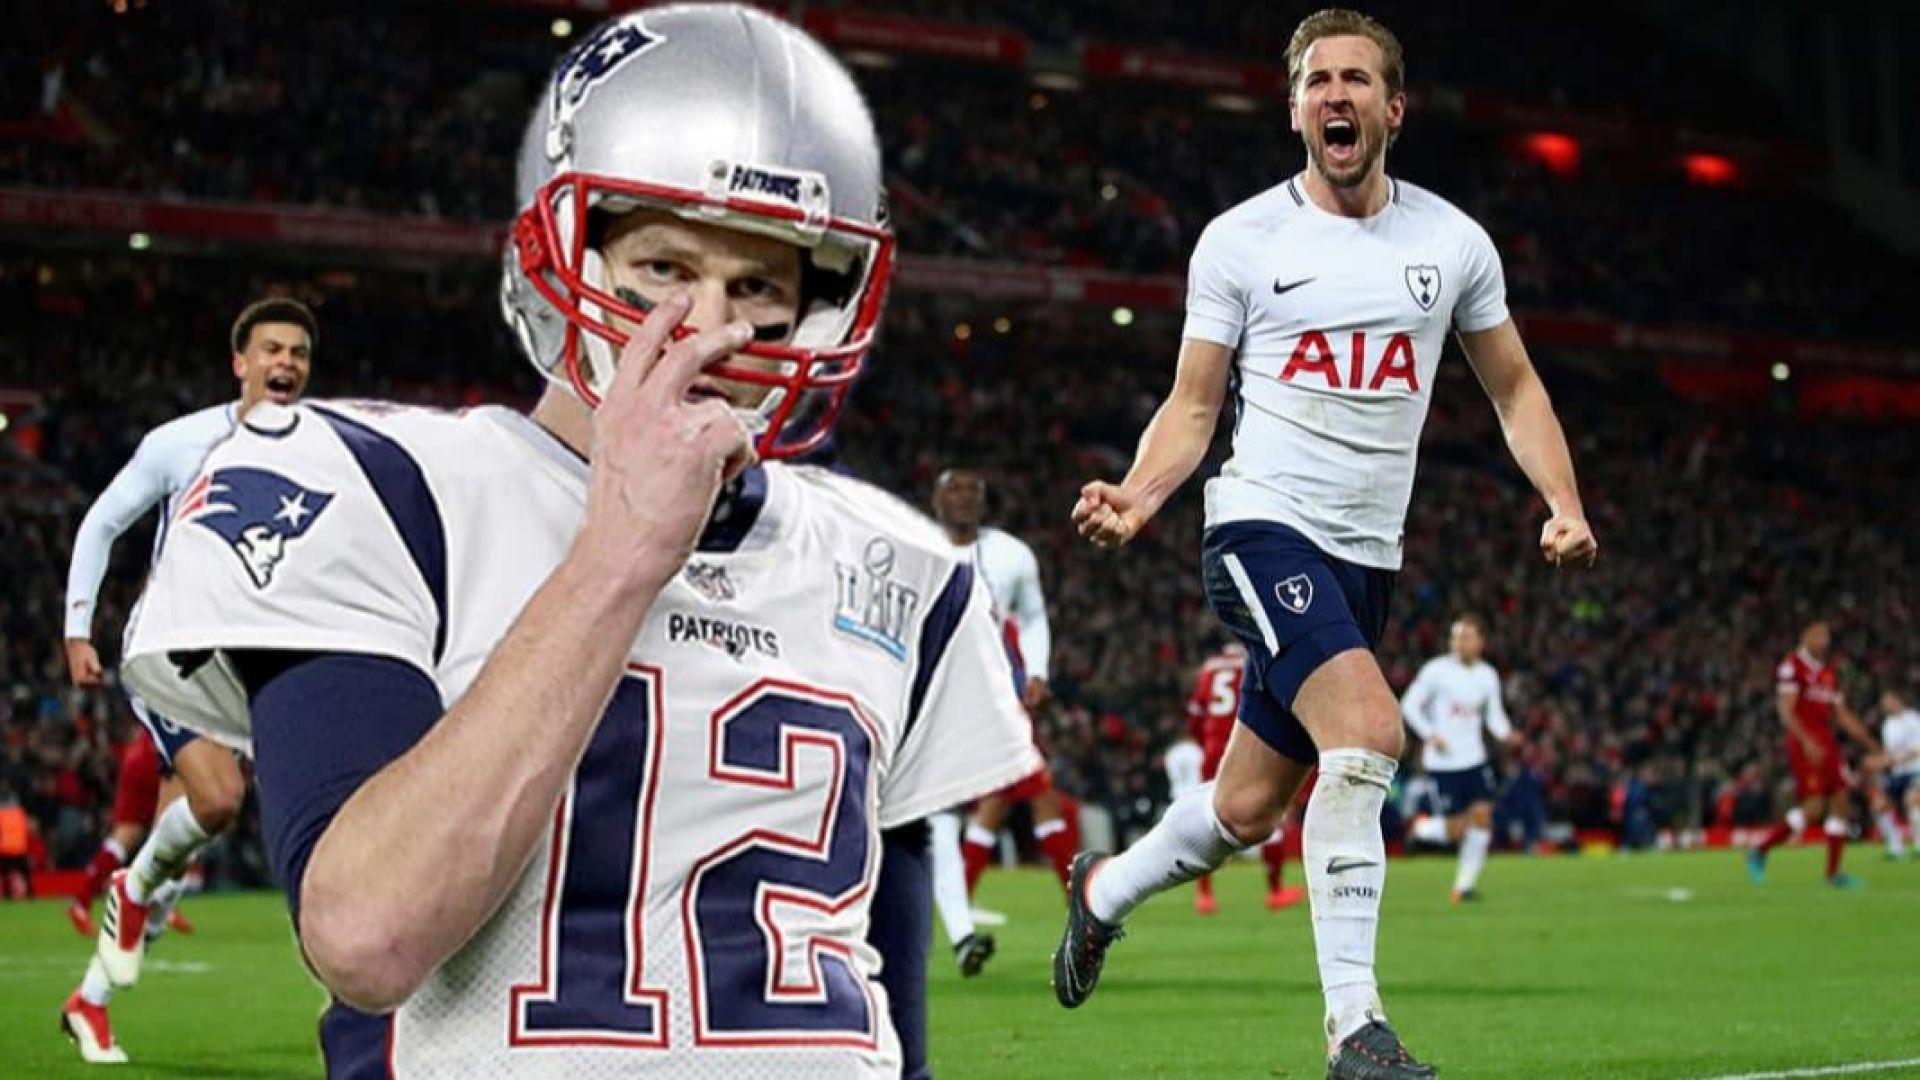 Хари Кейн иска да играе професионално американски футбол